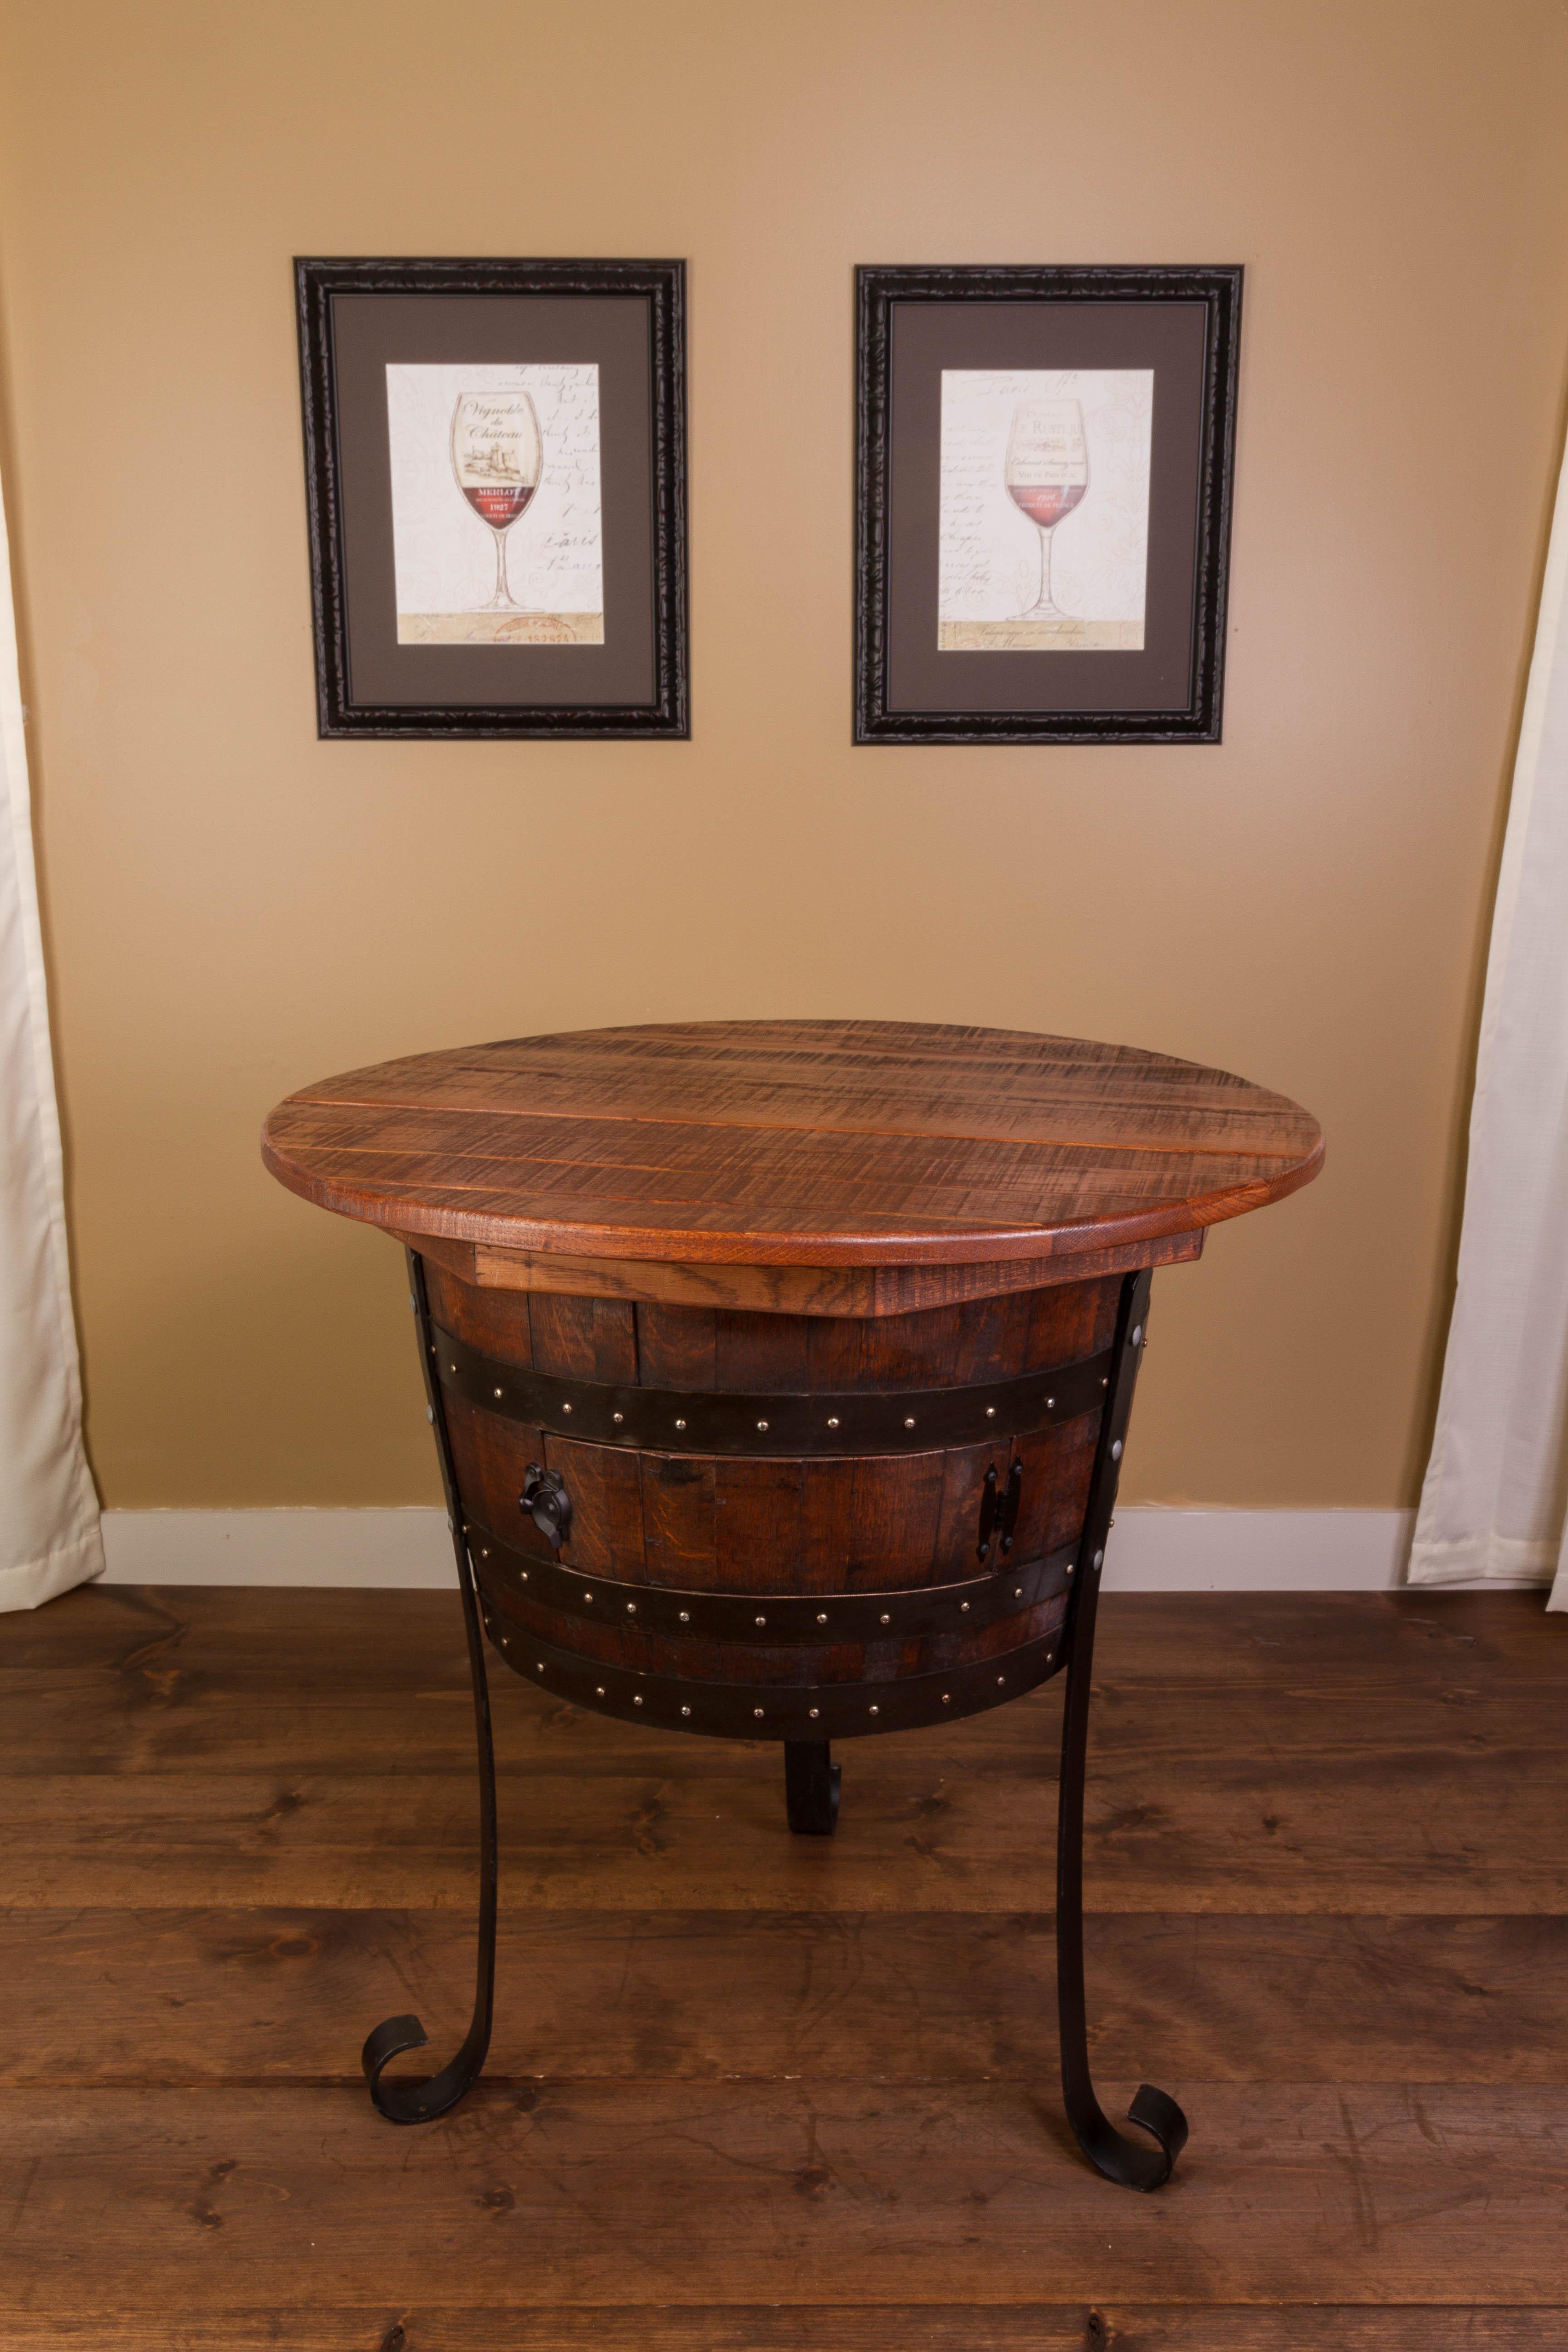 Vintage Oak Half Barrel Table with Cabinet